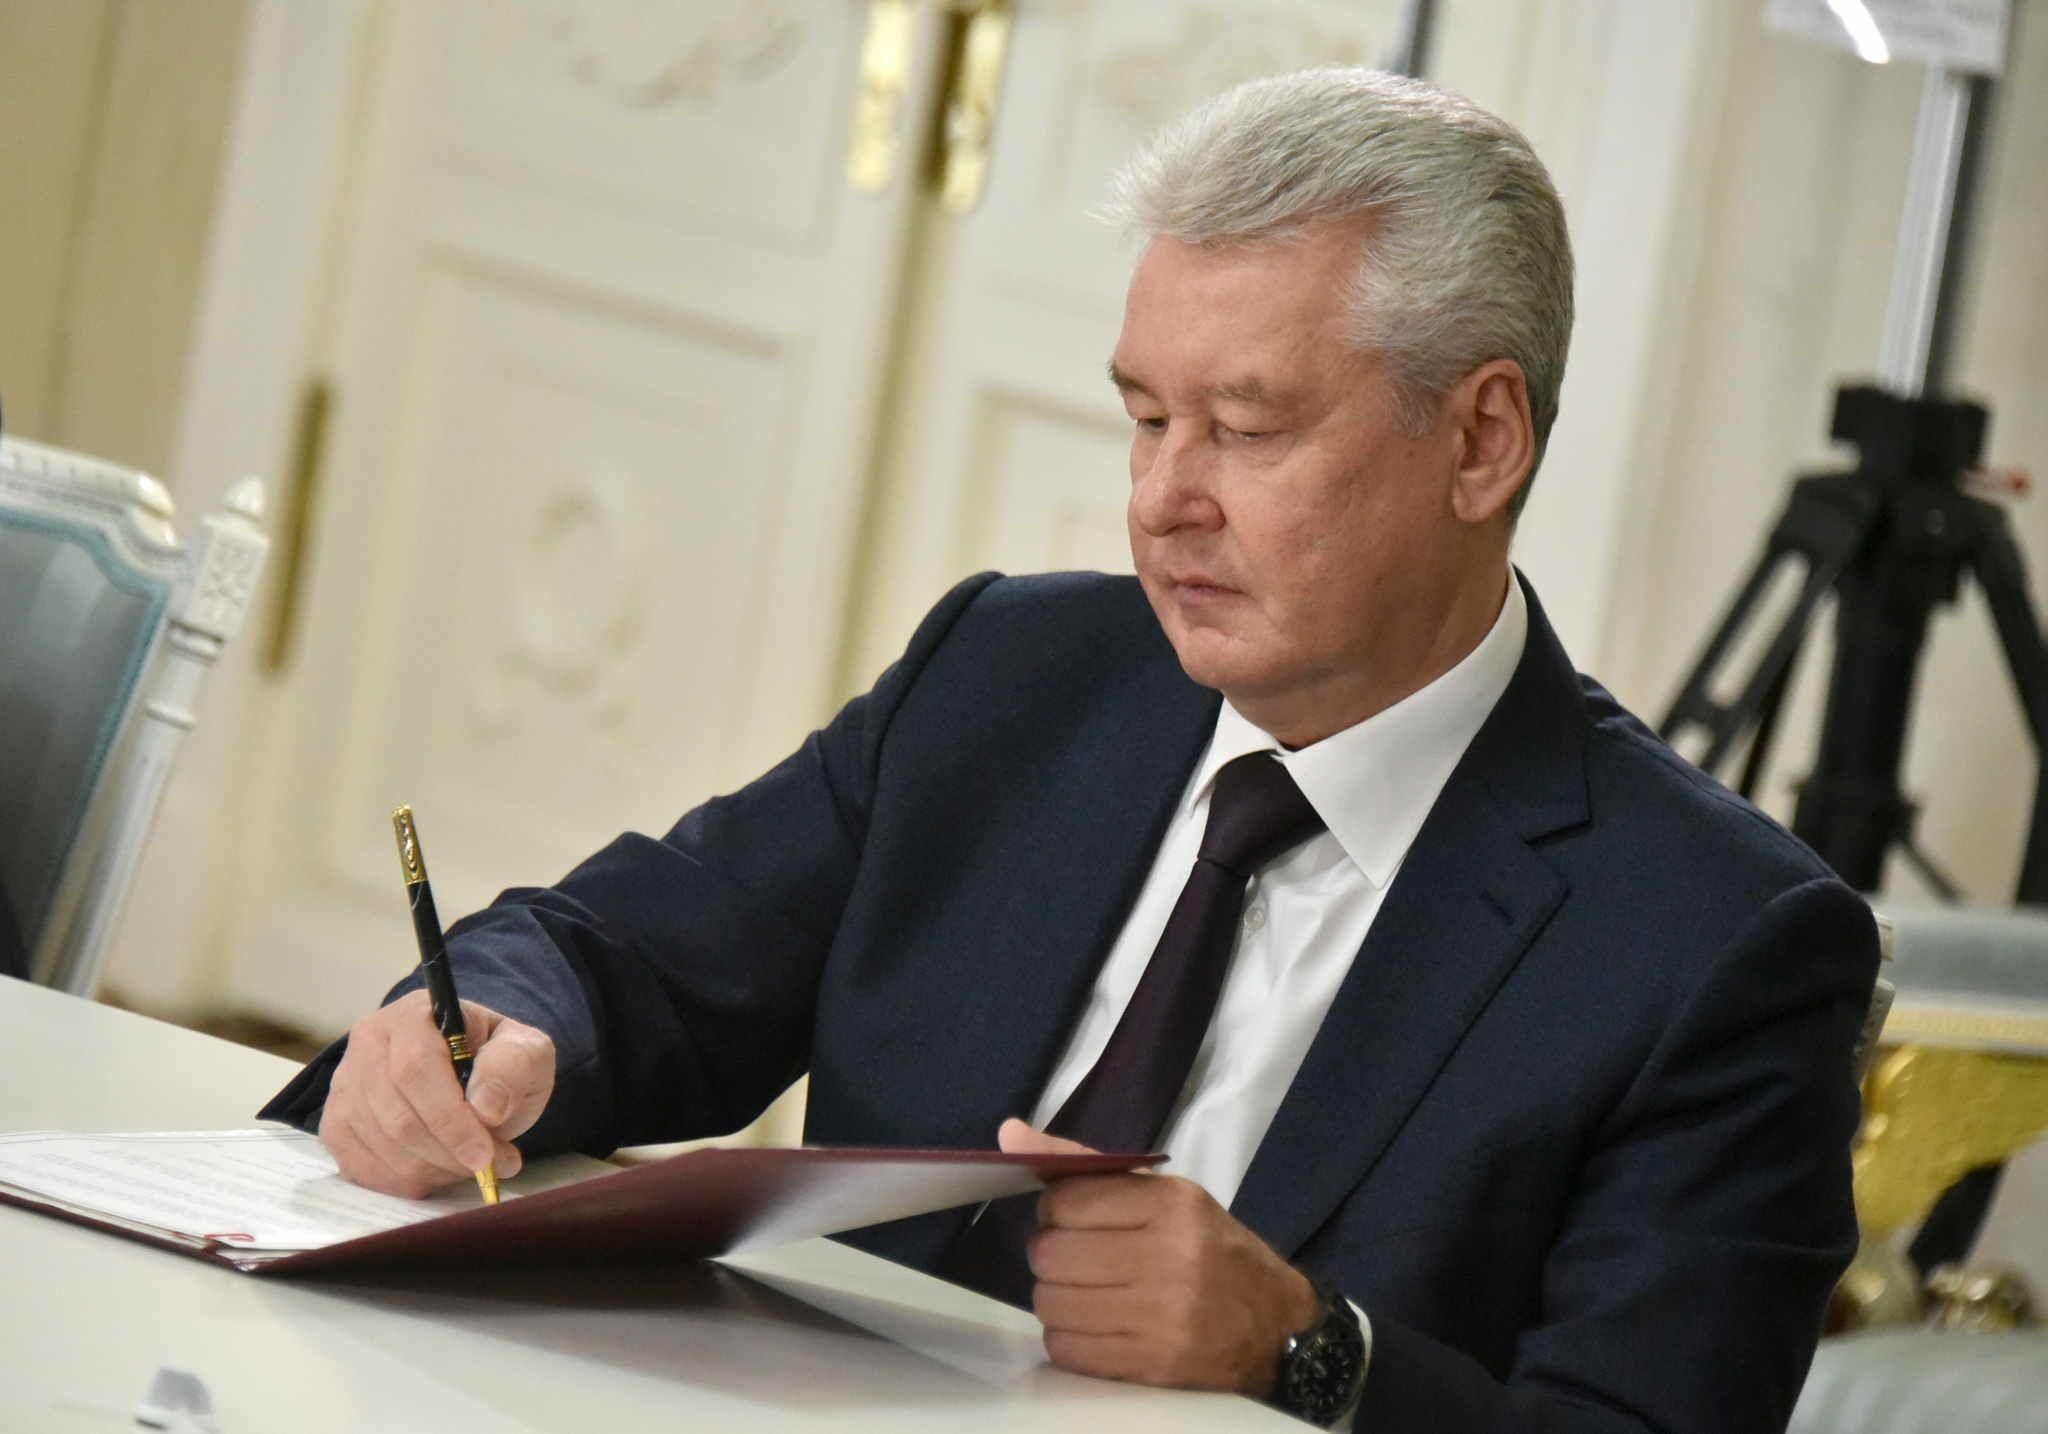 Сергей Собянин подписал соглашение о производстве лекарств в Москве